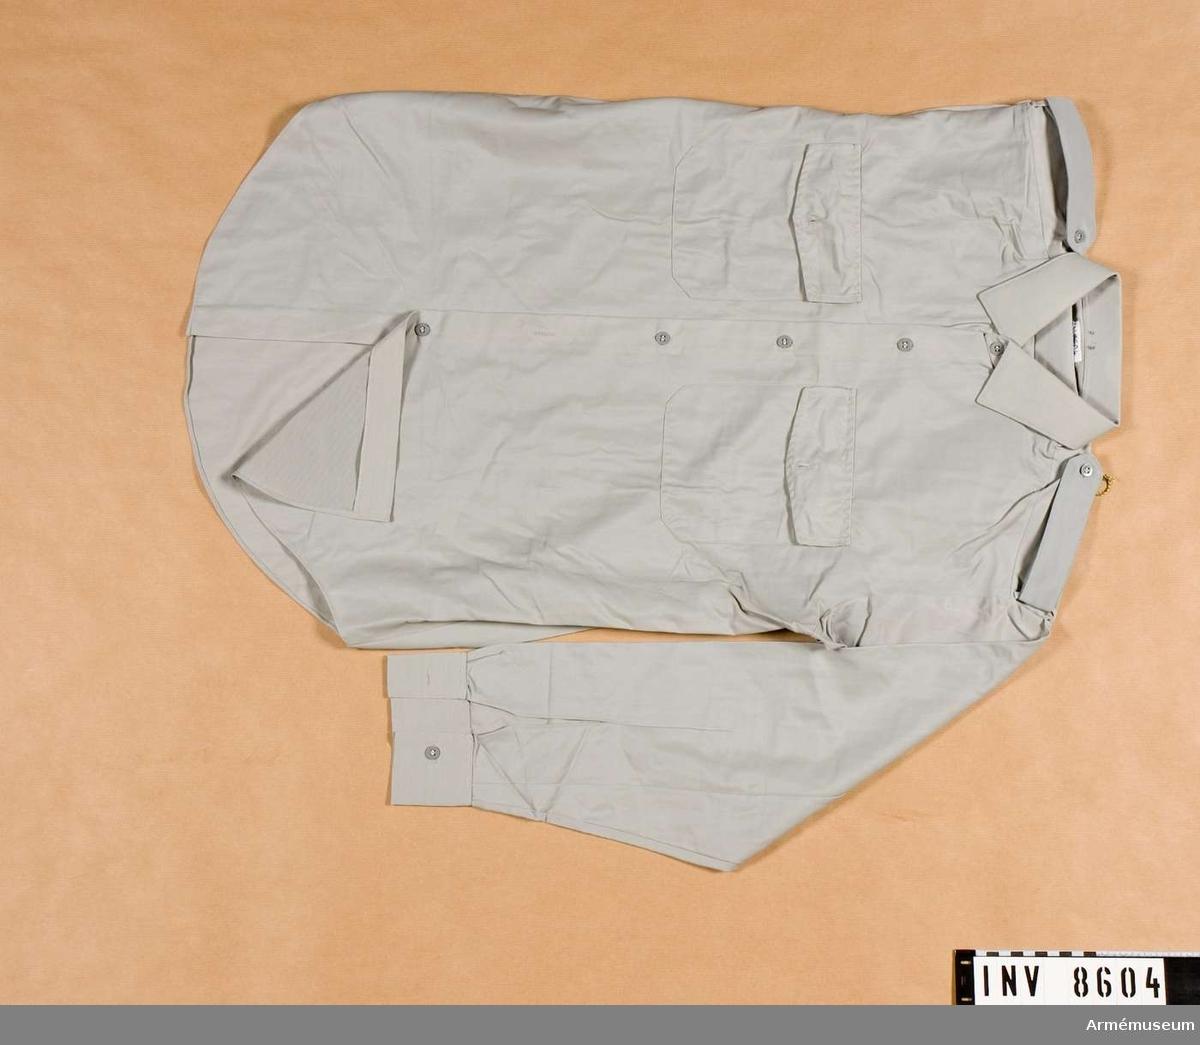 Skjorta m/1960.Tillverkad i gråblått tyg, har fast krage, lösa axelklaffar, två bröstfickor med lock och knapp samt knappar i tygets färg. Storkek 39. Källa Uni A 1960 24:25.